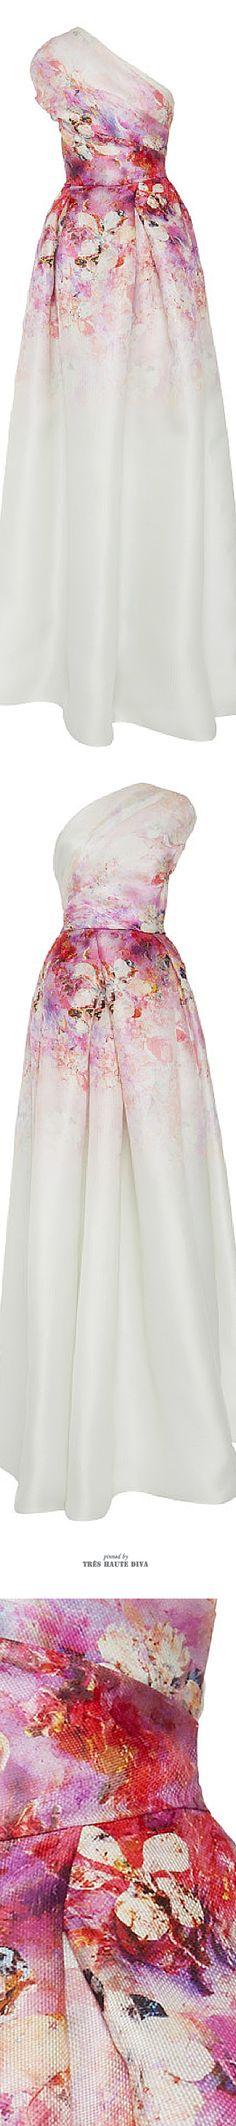 Naeem Khan Floral One Shoulder Gown ♔ SS 2015